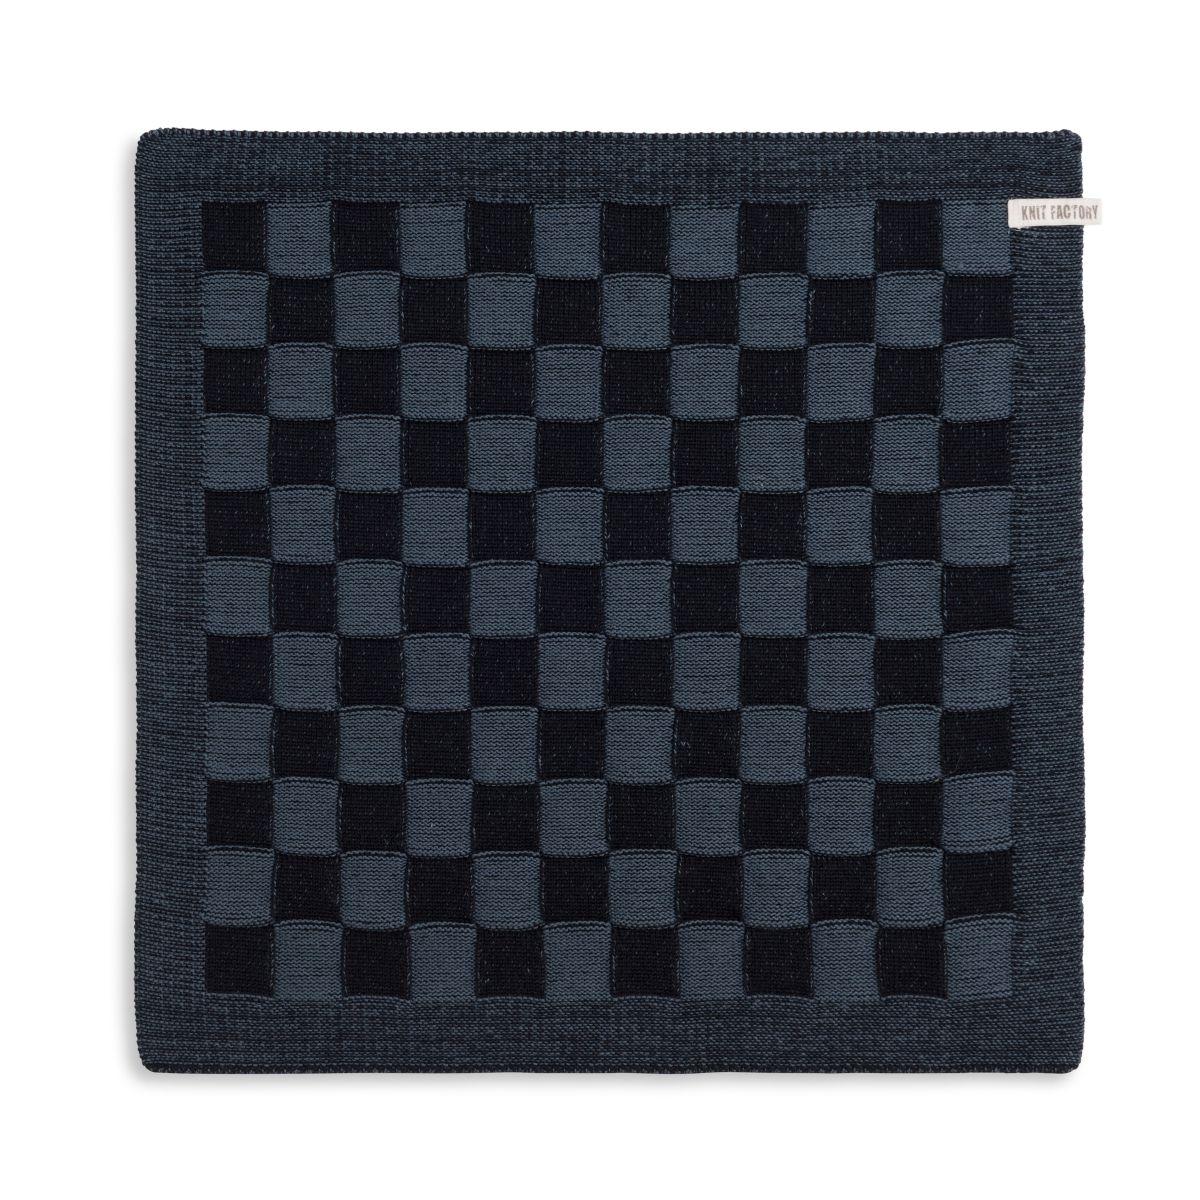 kchentuch block schwarzgranit